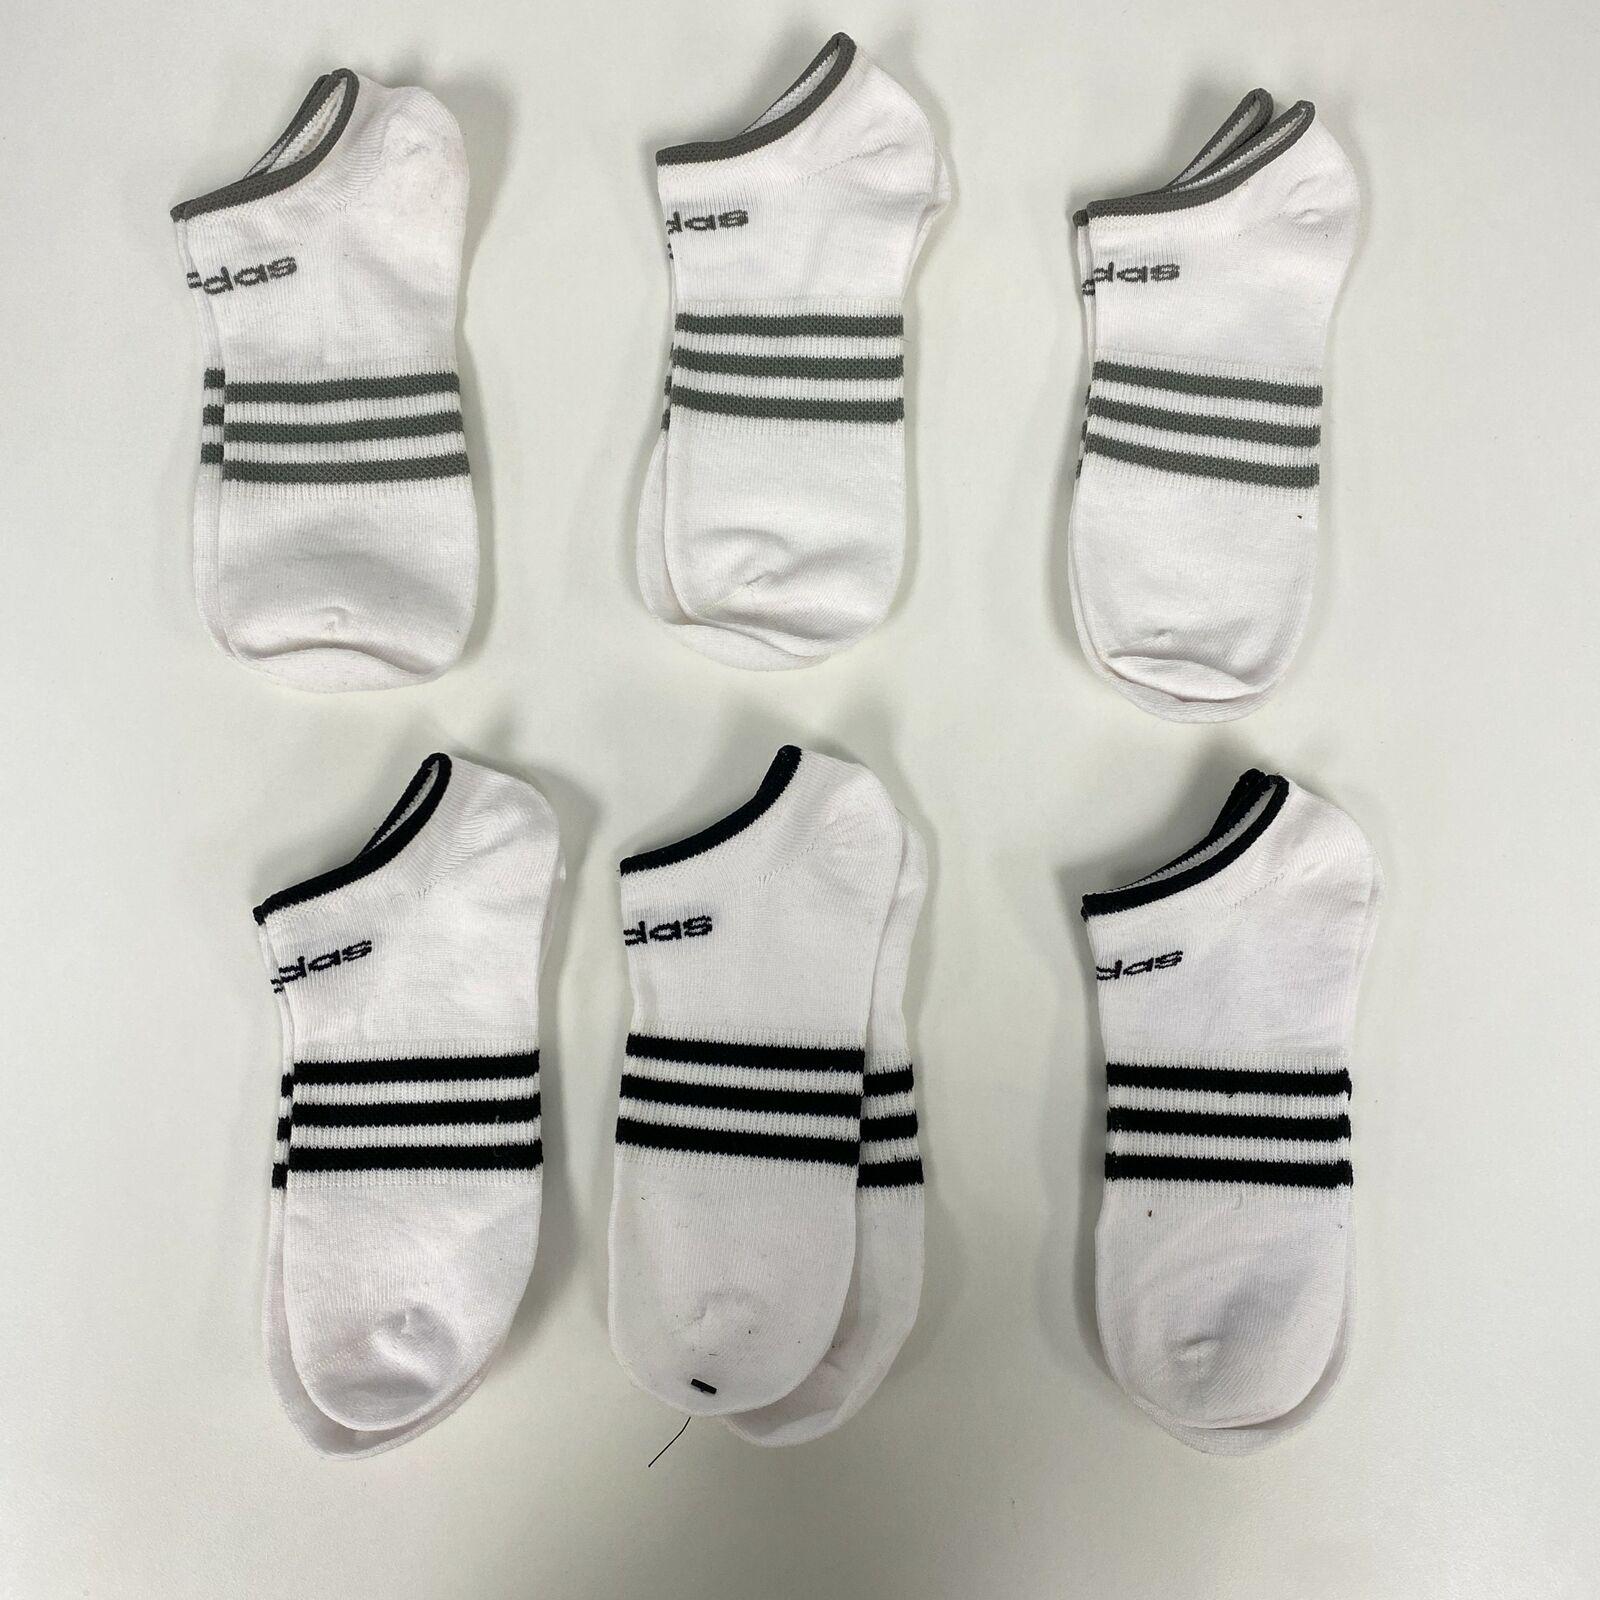 (6 par) Adidas Unisex Blanco con rayas, Superlite No Show Calcetines Osfa Nuevo sin etiquetas